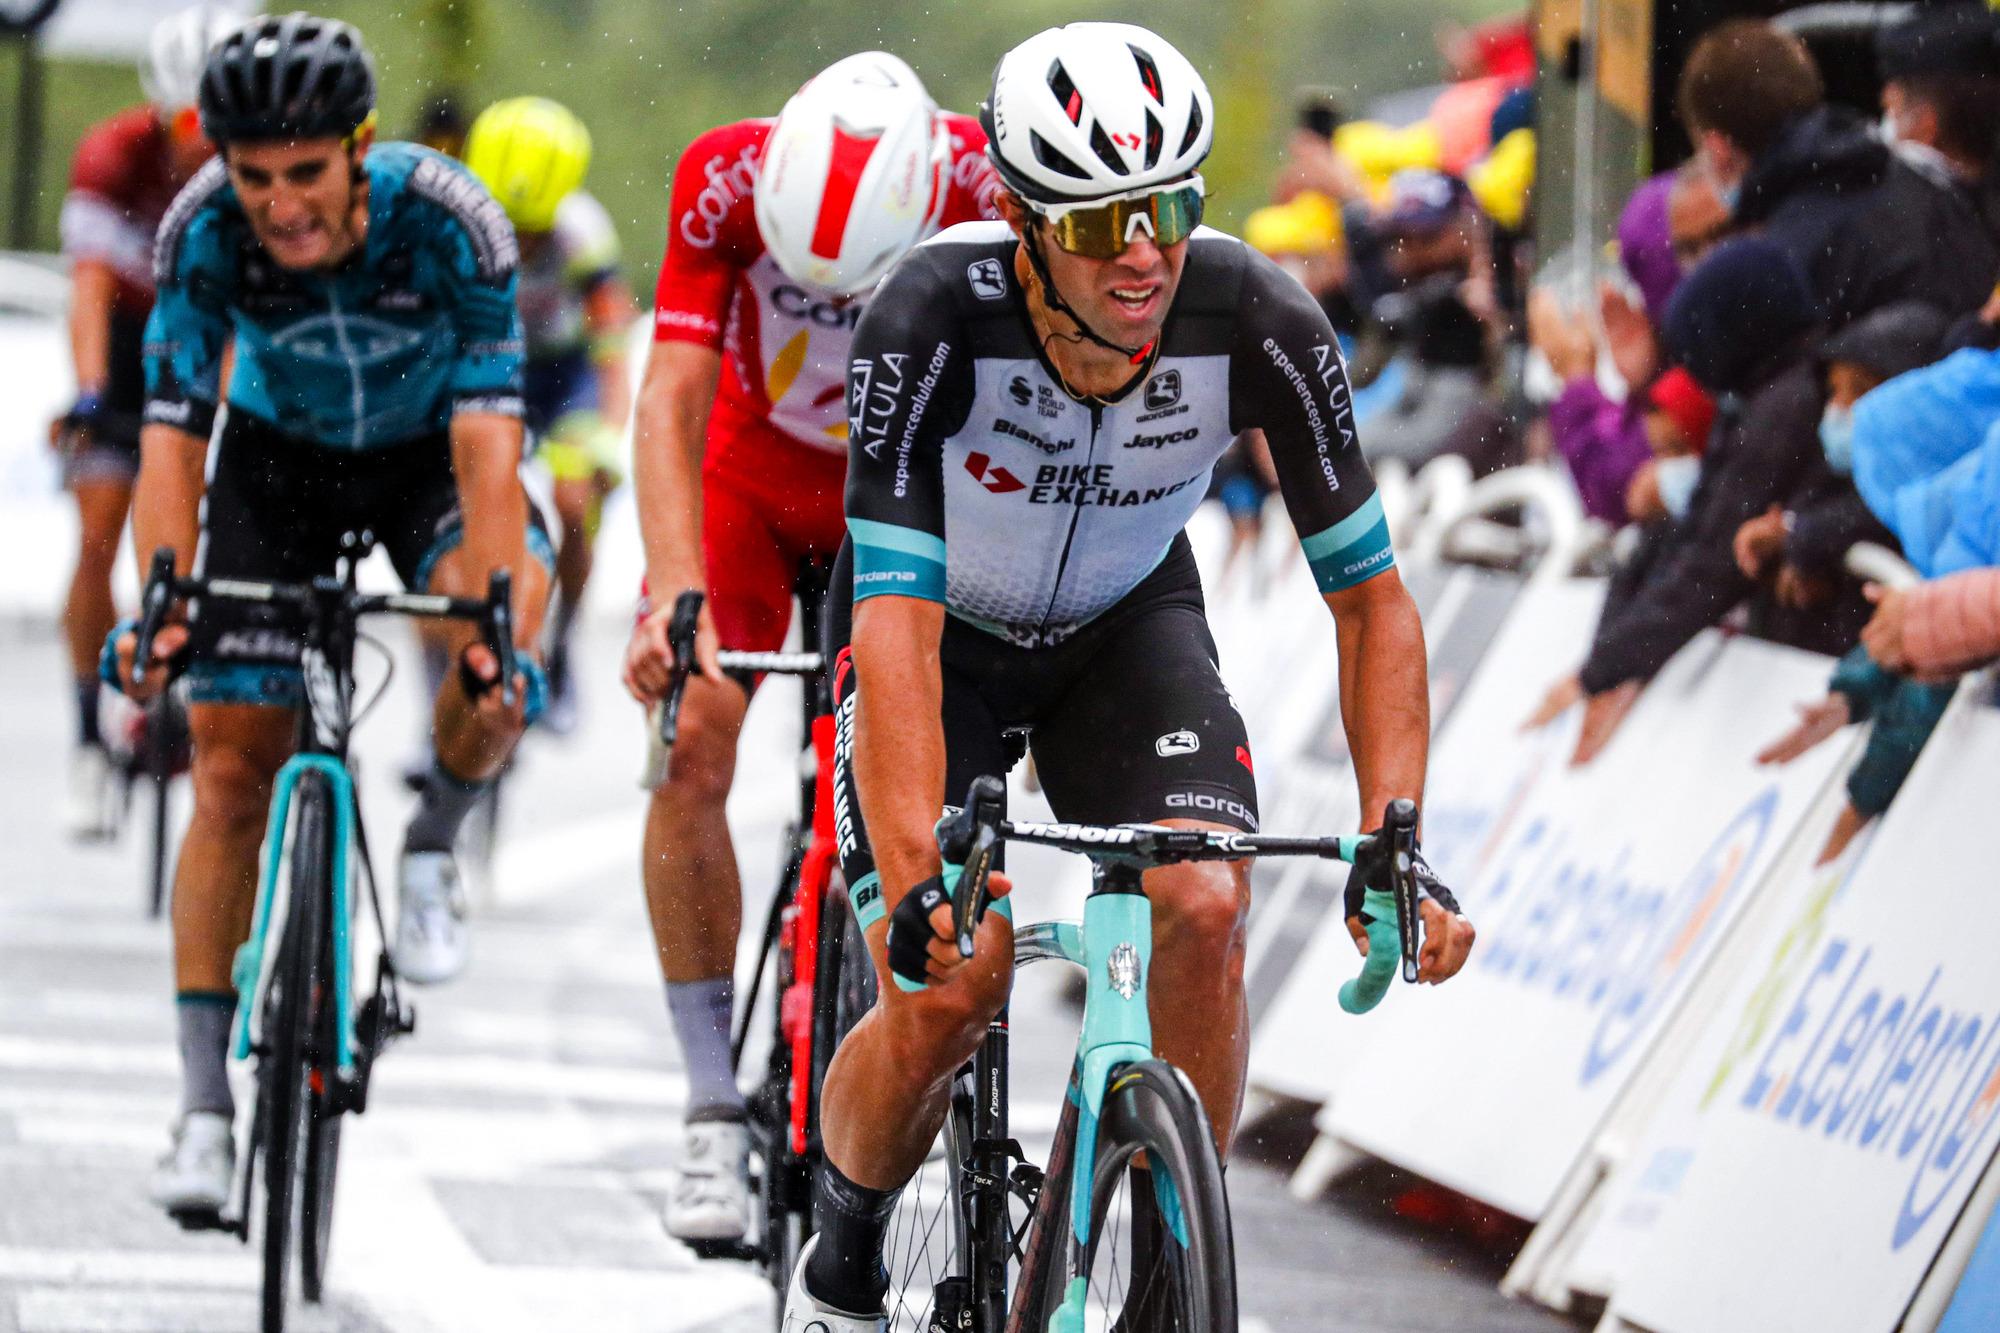 Tour de France 2021 - 108th Edition - 16th stage El Pas de la Casa - Saint-Gaudens 169 km - 13/07/2021 - Michael Matthews (AUS - Team Bikeexchange) - photo Dion Kerckhoffs/CV/BettiniPhoto©2021